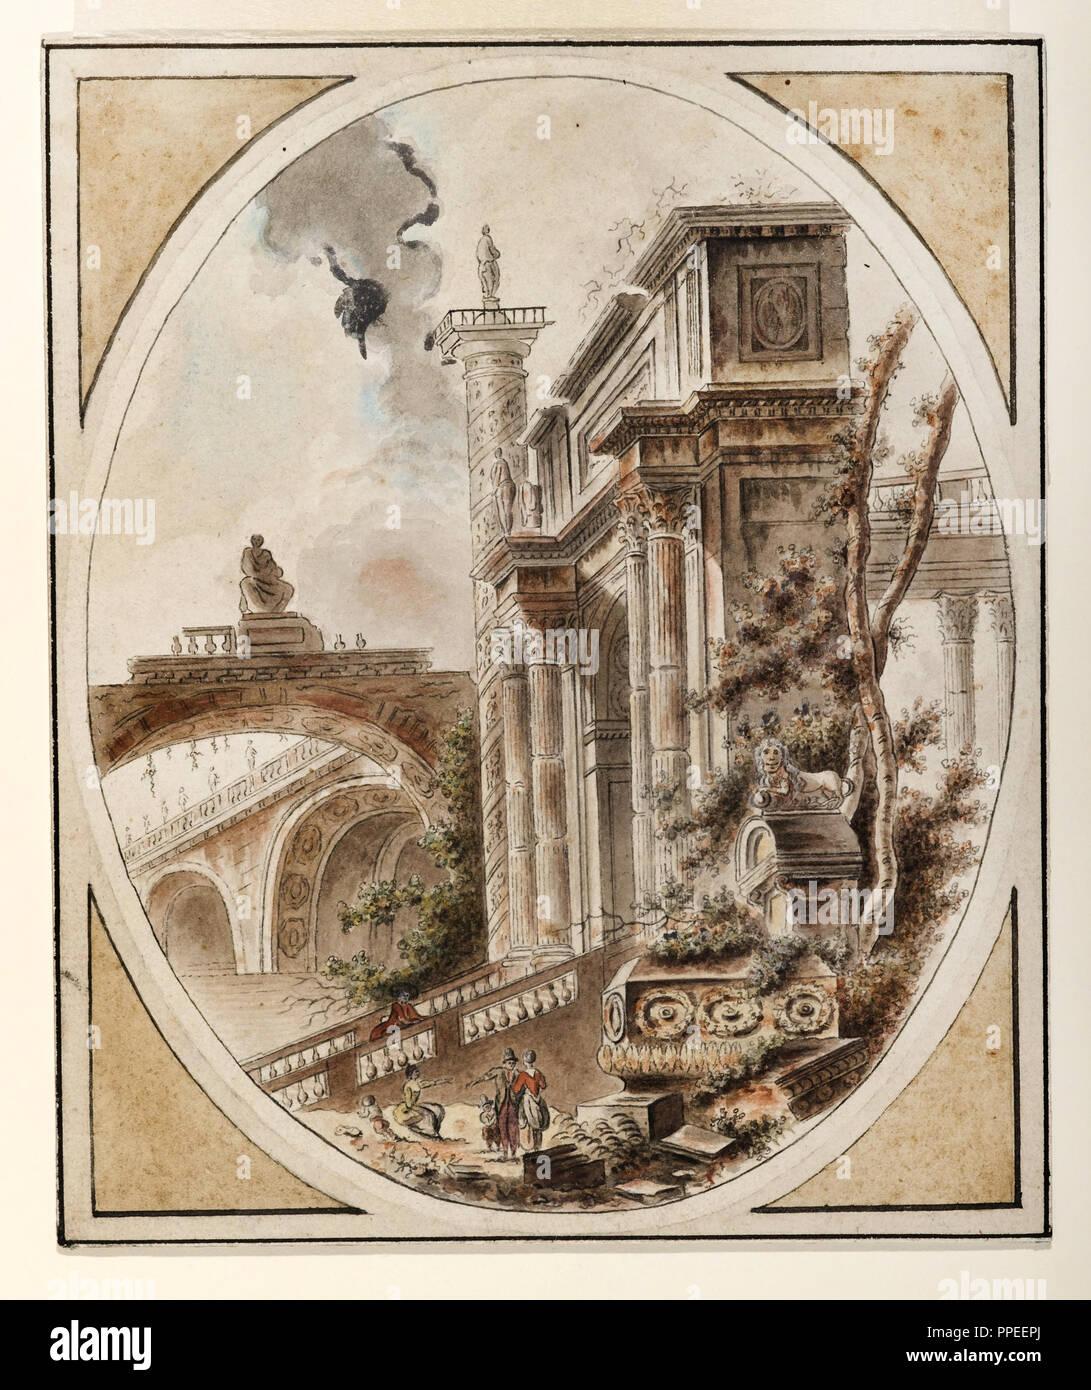 Jean-Henry - Alexandre Pernet, Fantasie eines architektonischen ruinieren. Circa 1770. Feder und schwarzer Tusche, Aquarell, Gouache. Cooper Hewitt, Smithsonian De Stockbild